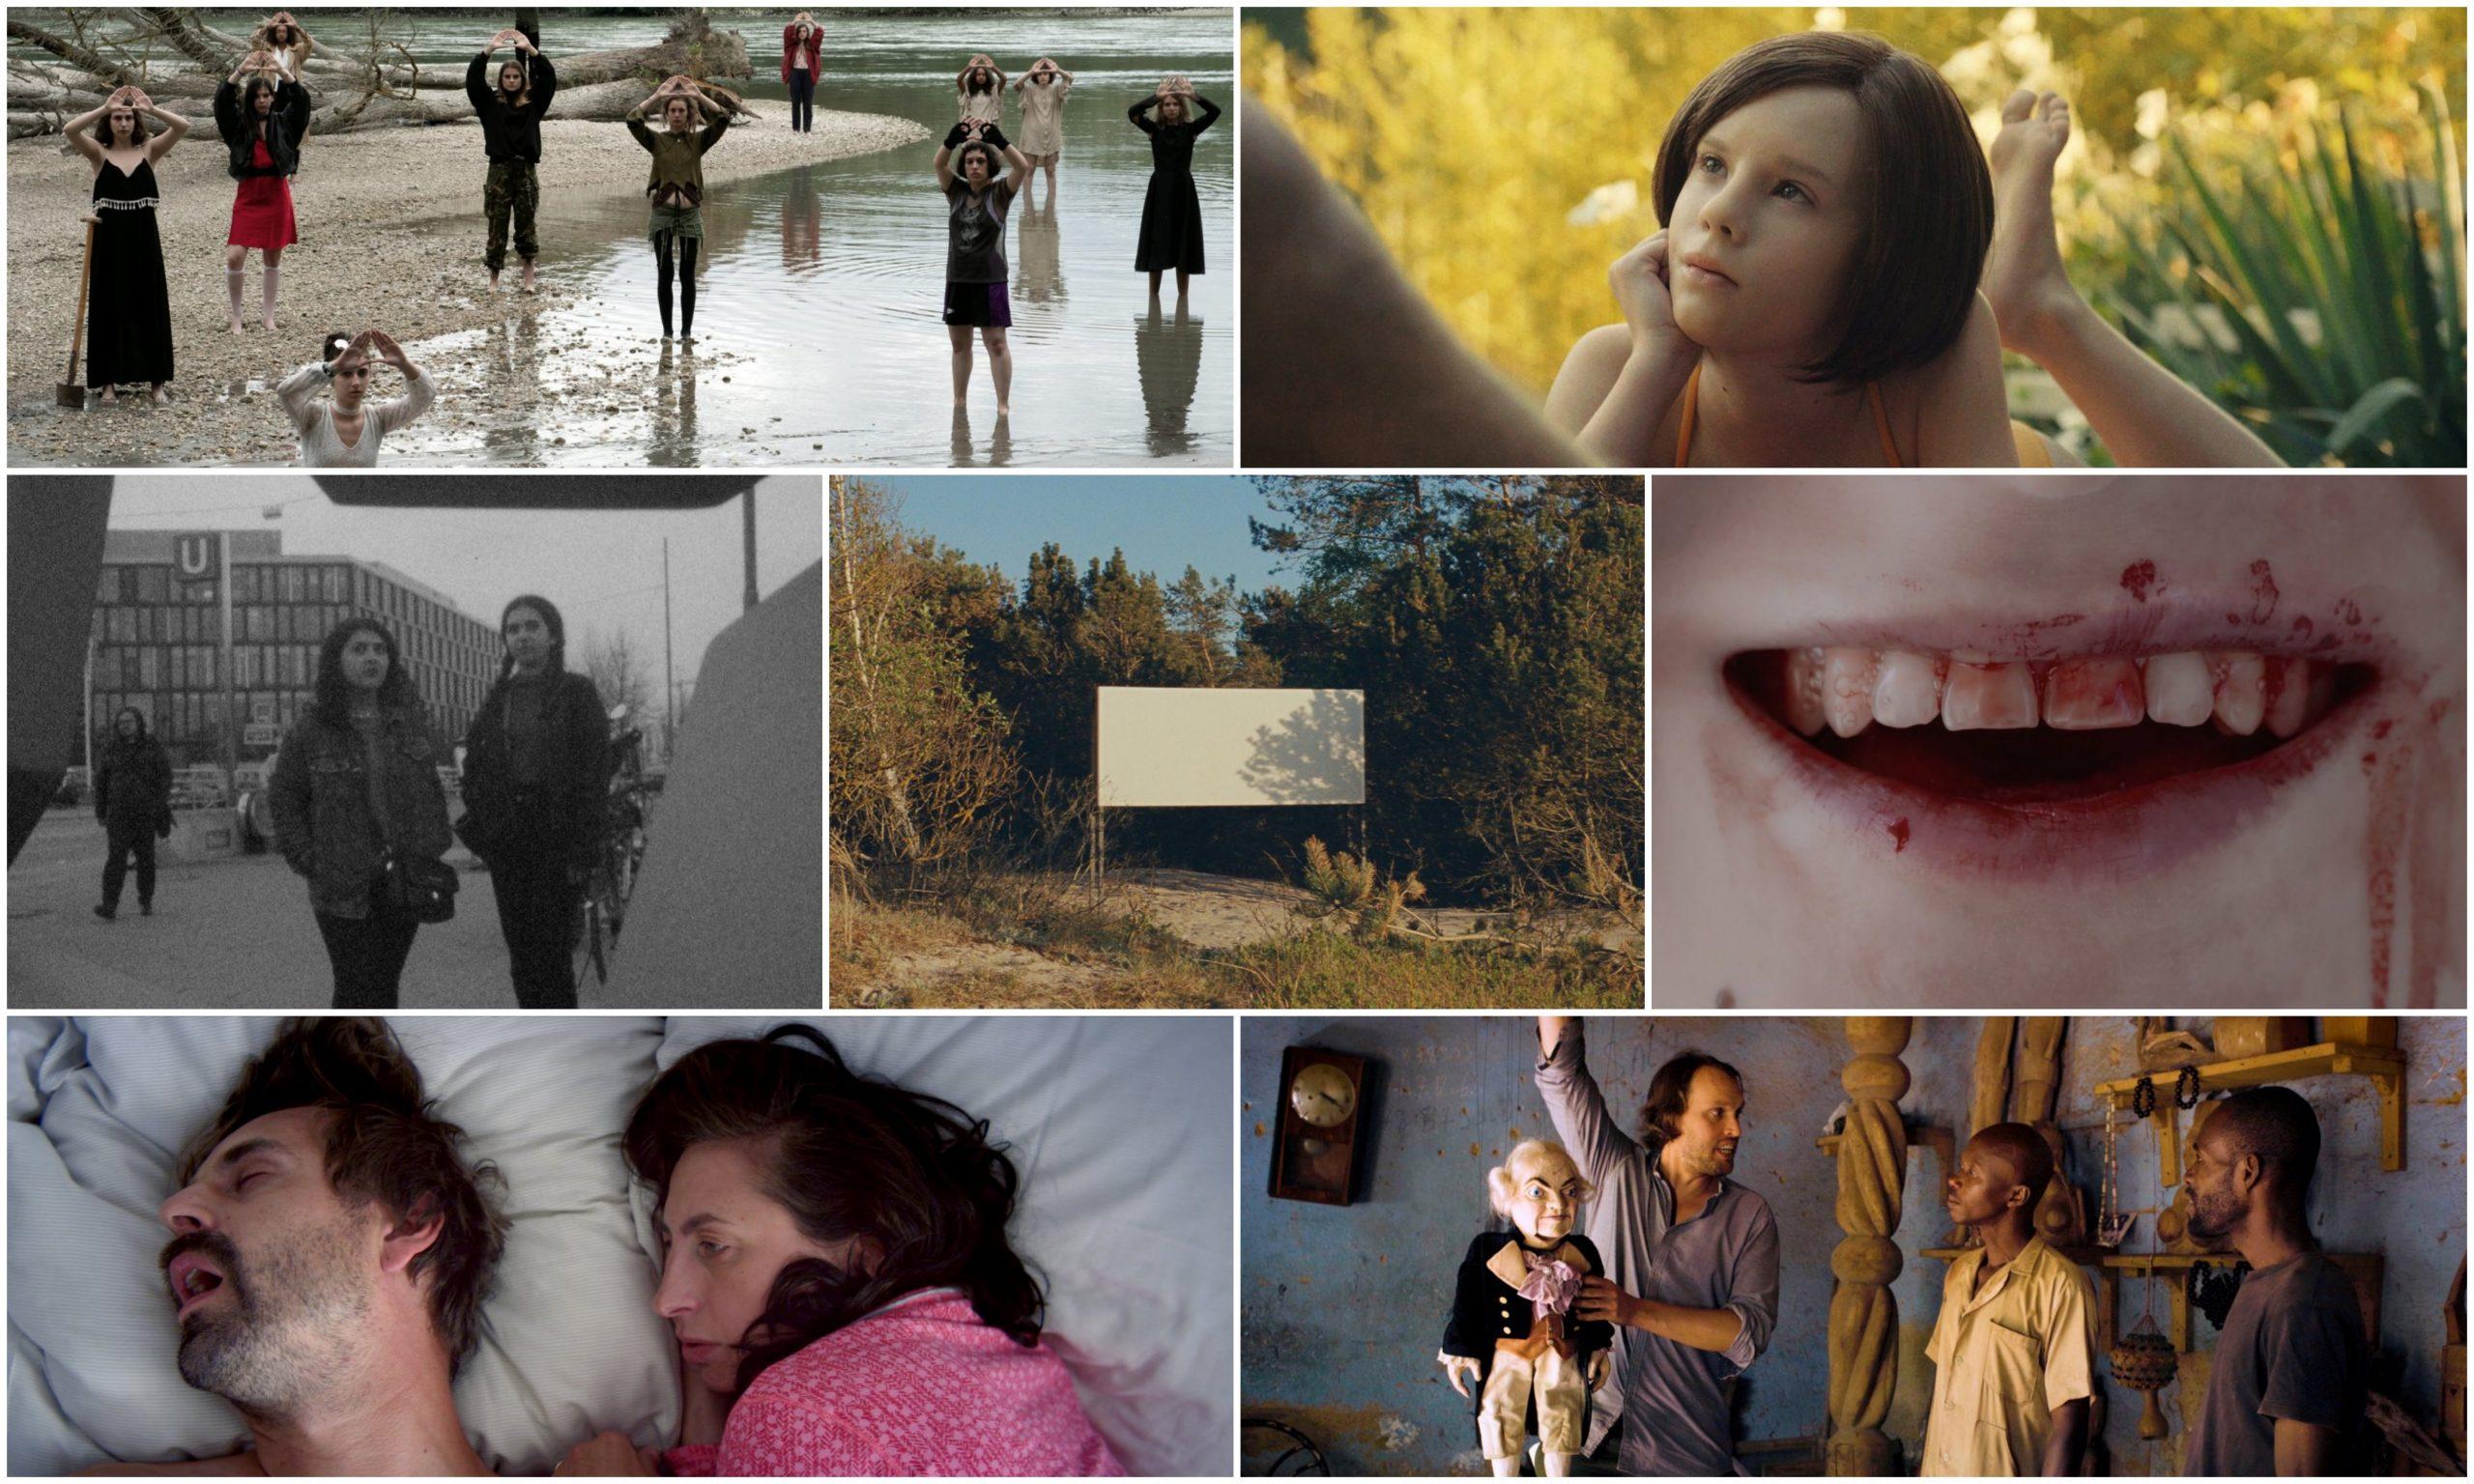 collezione-diagonale20-die-unvollendete-alla-viennale-cinema-austriaco